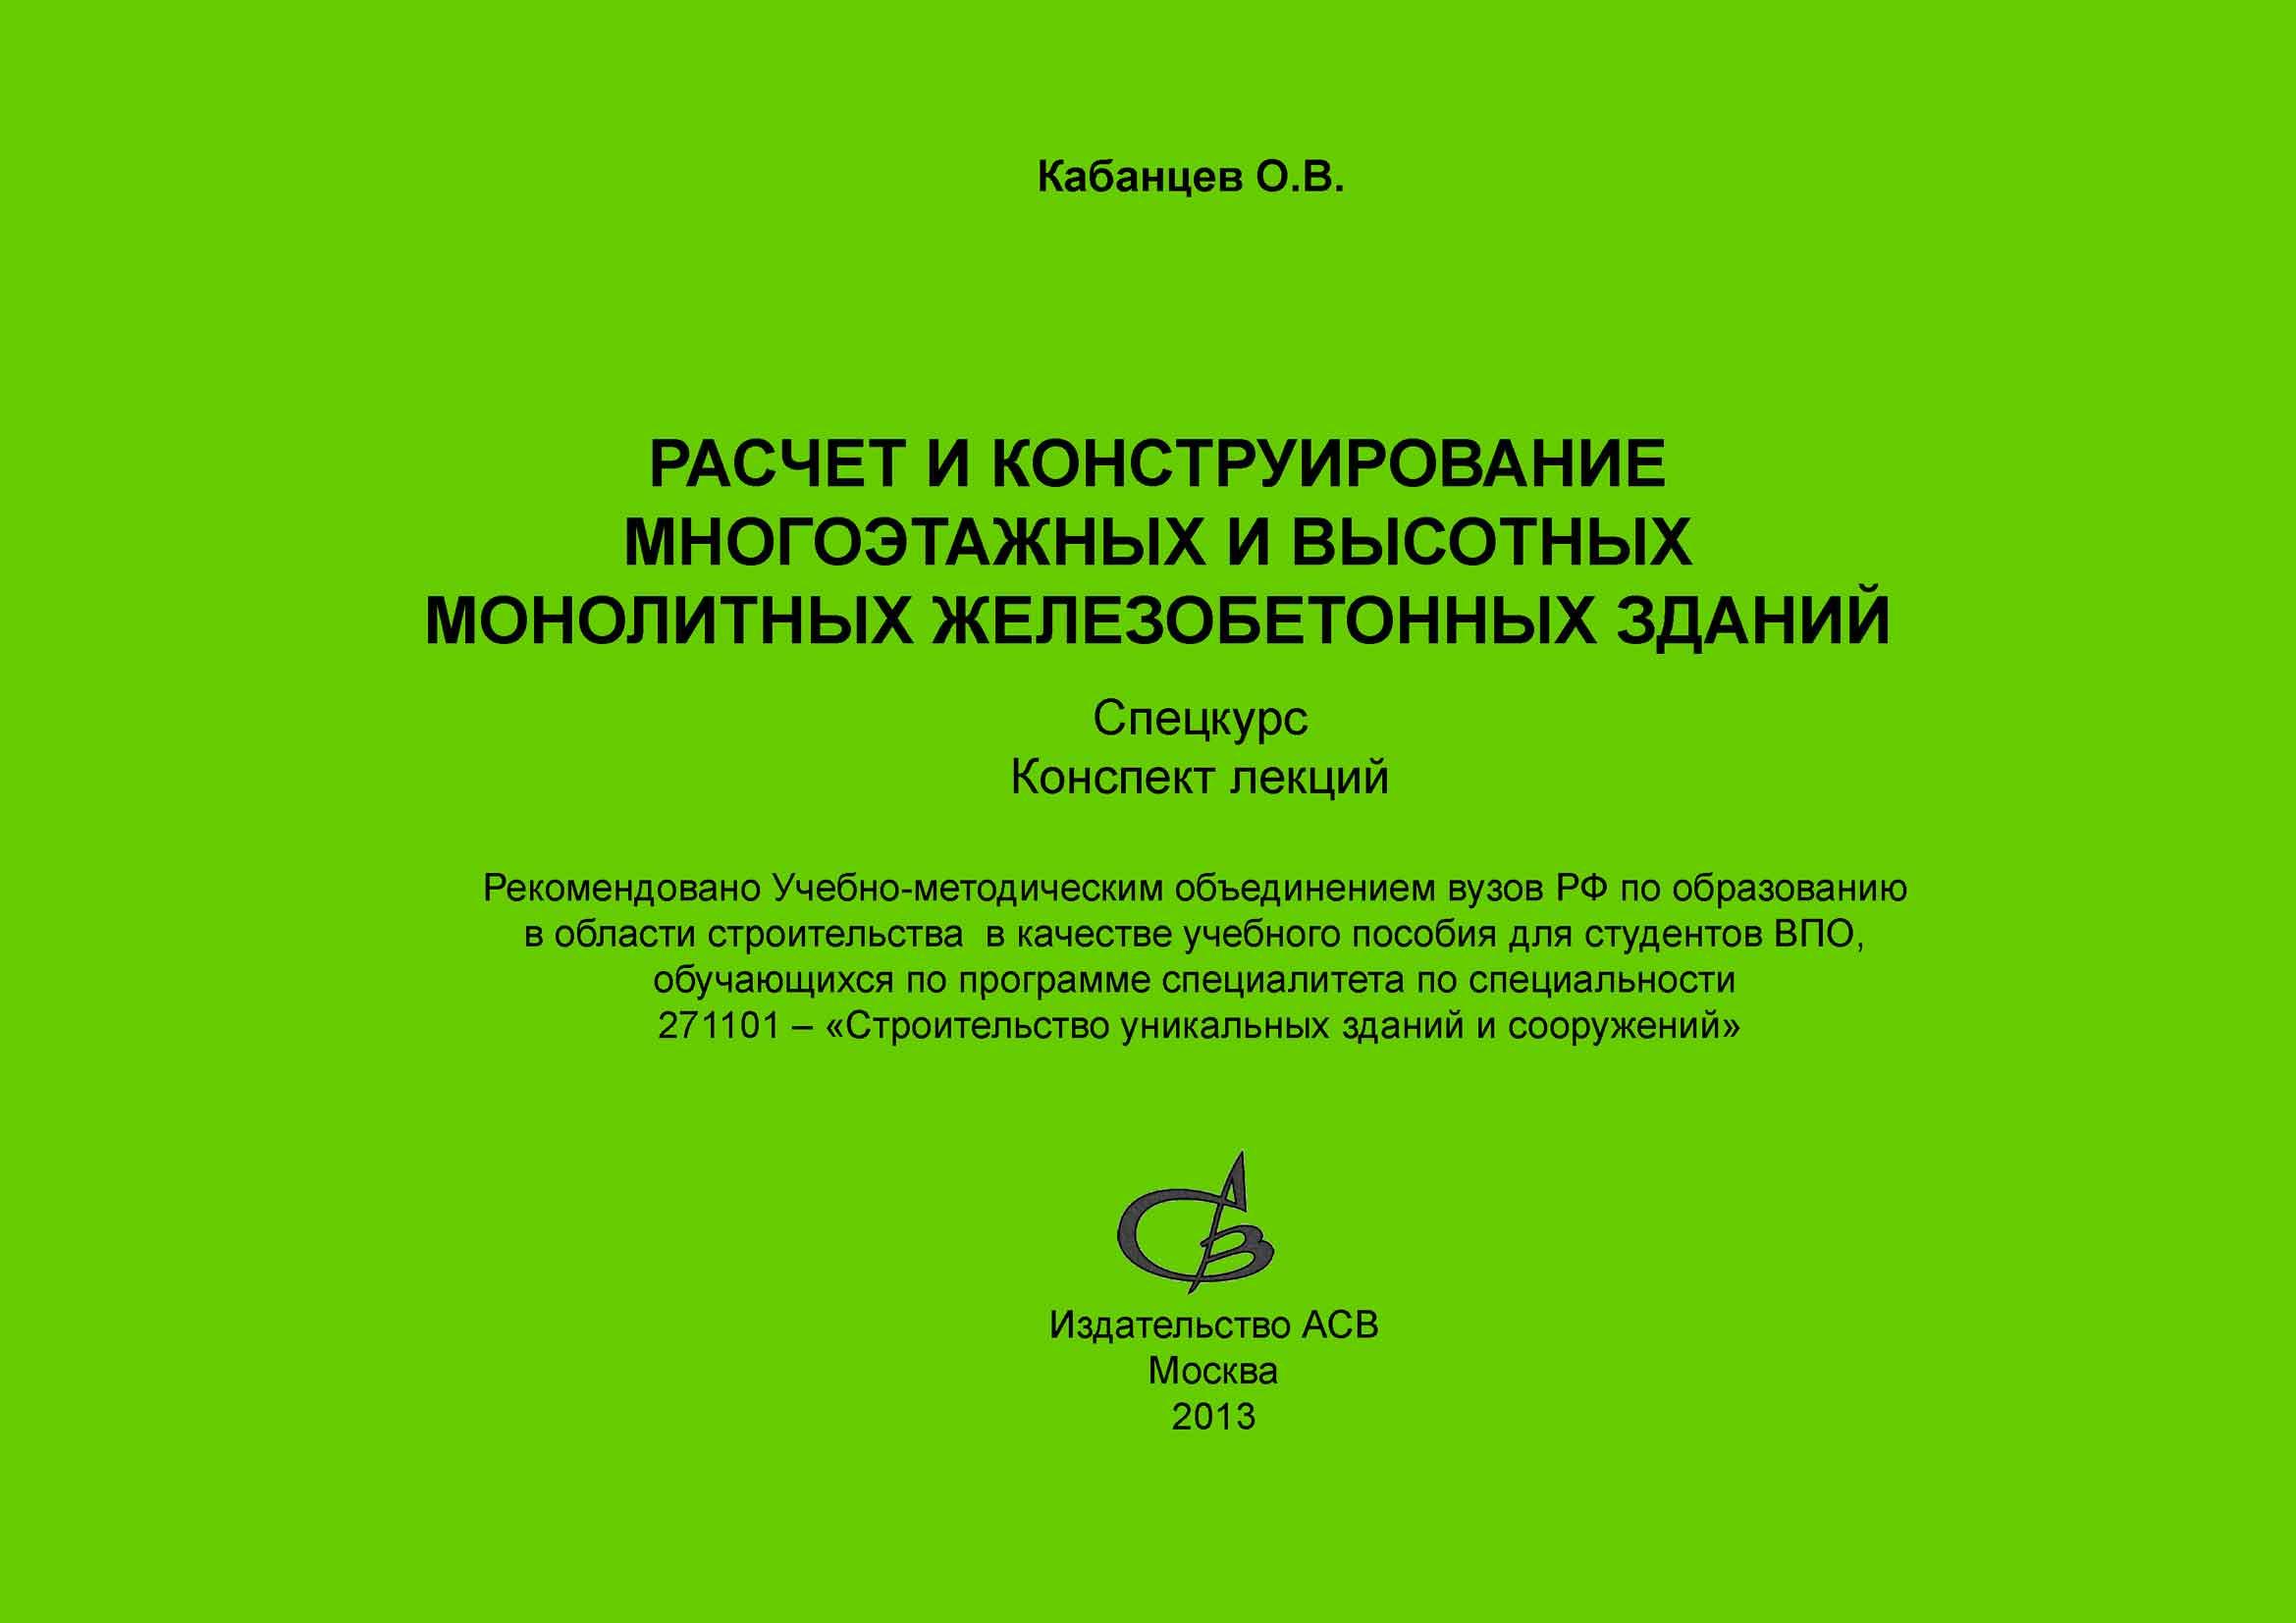 О. В. Кабанцев Расчет и конструирование многоэтажных и высотных монолитных железобетонных зданий. Спецкурс